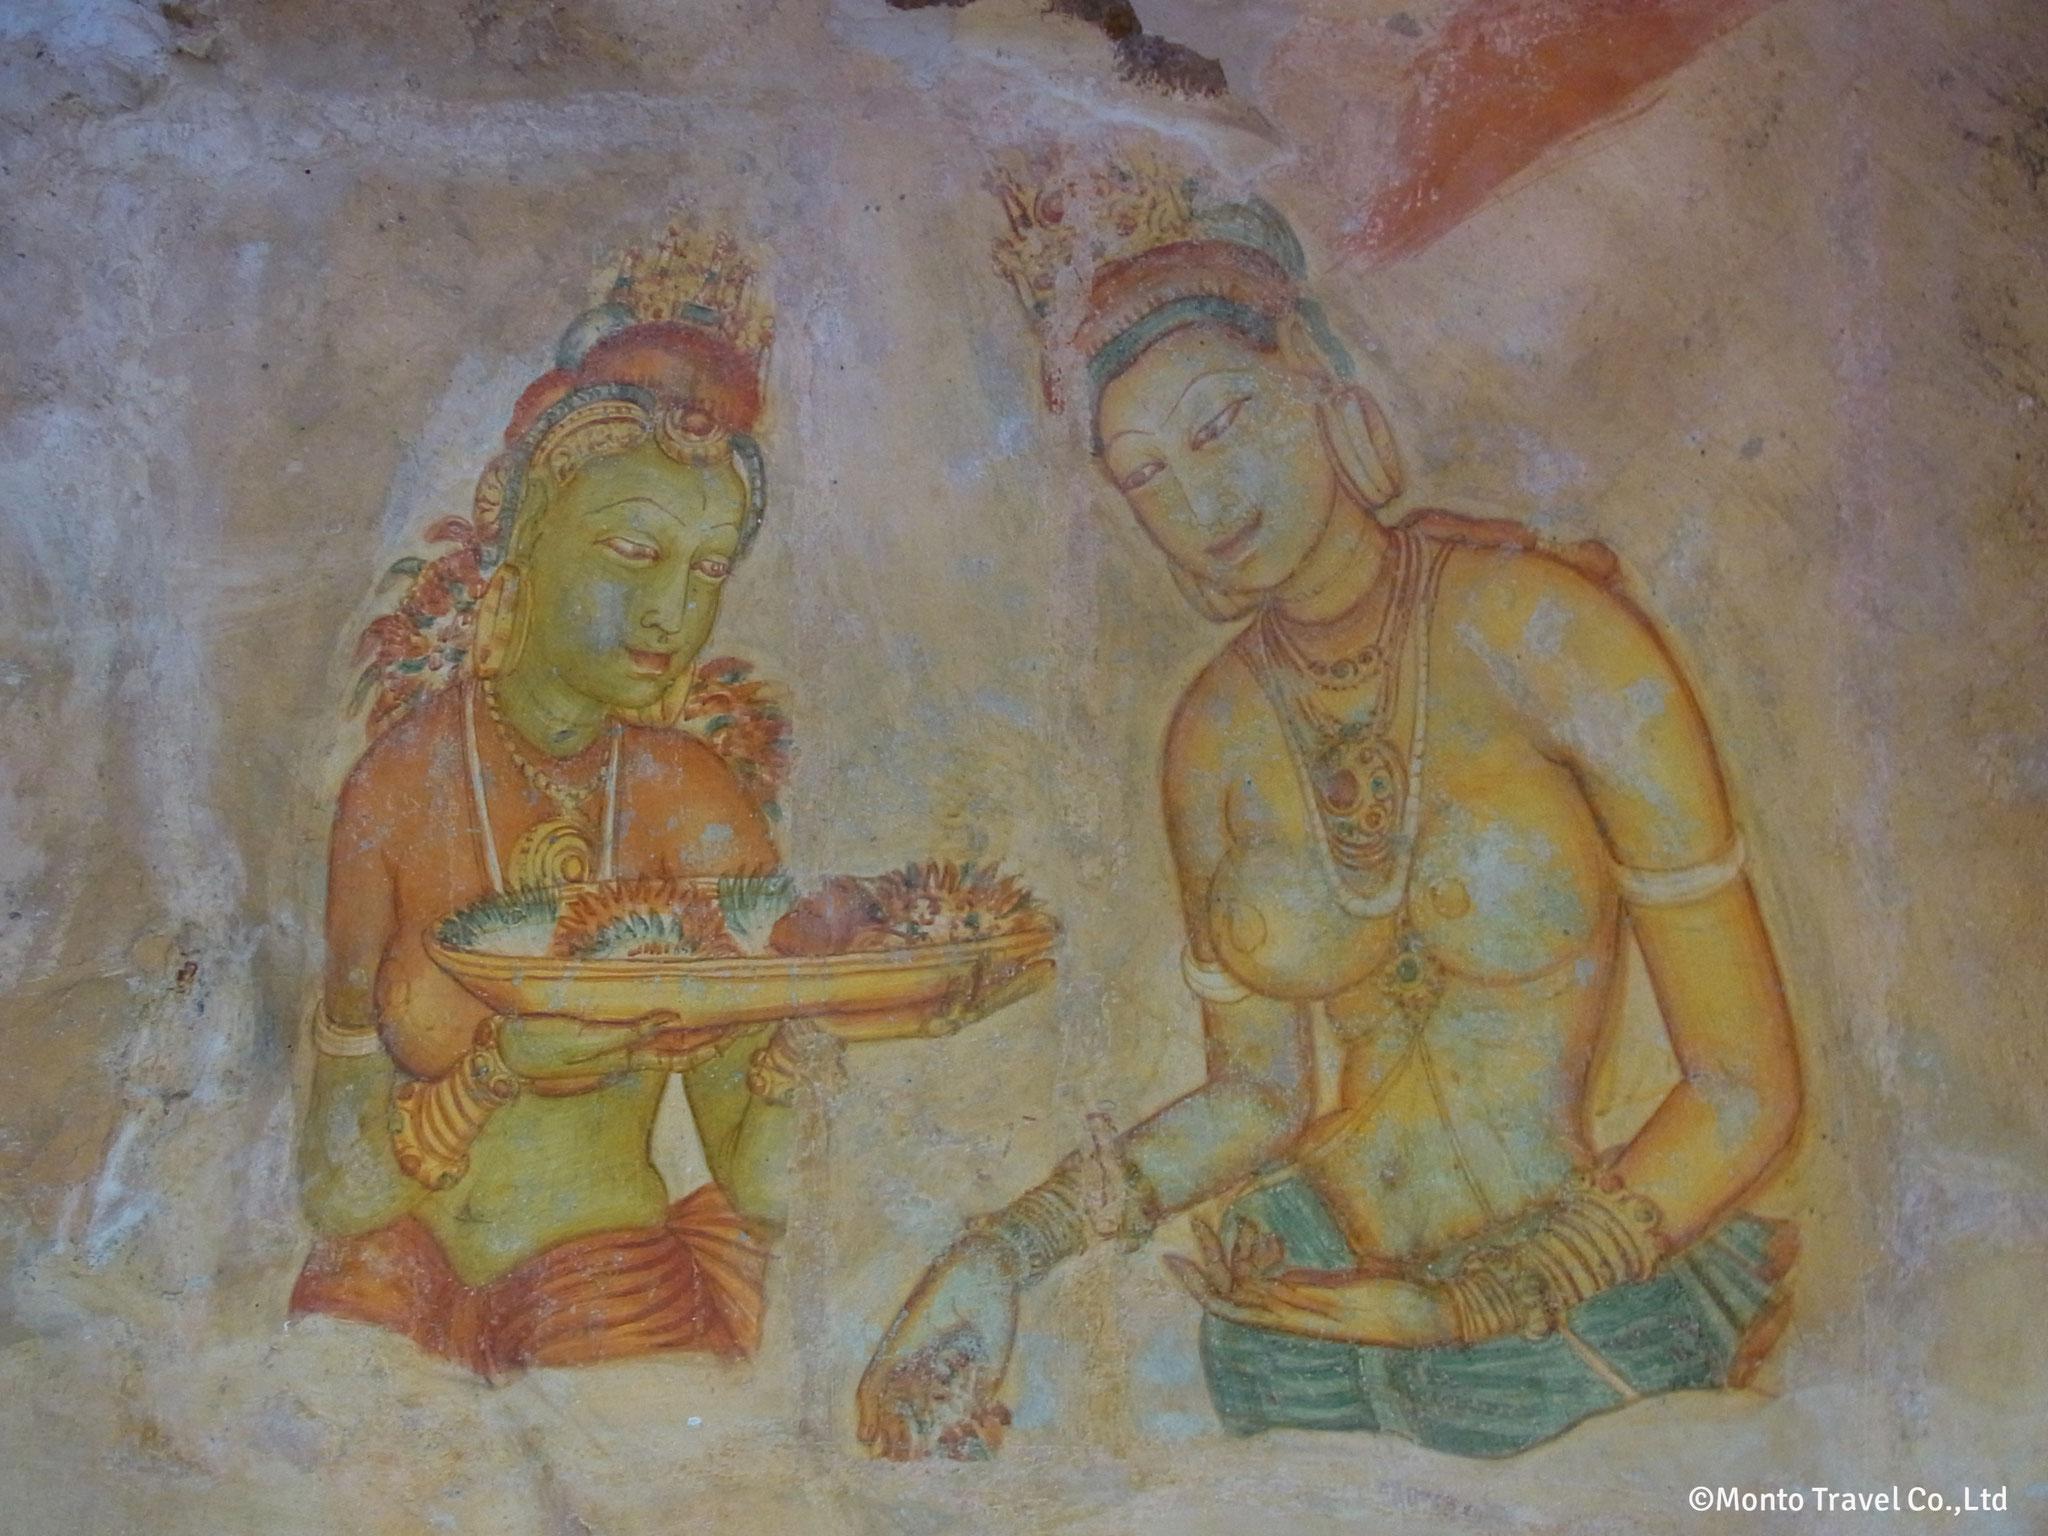 シギリヤ・レディ壁画